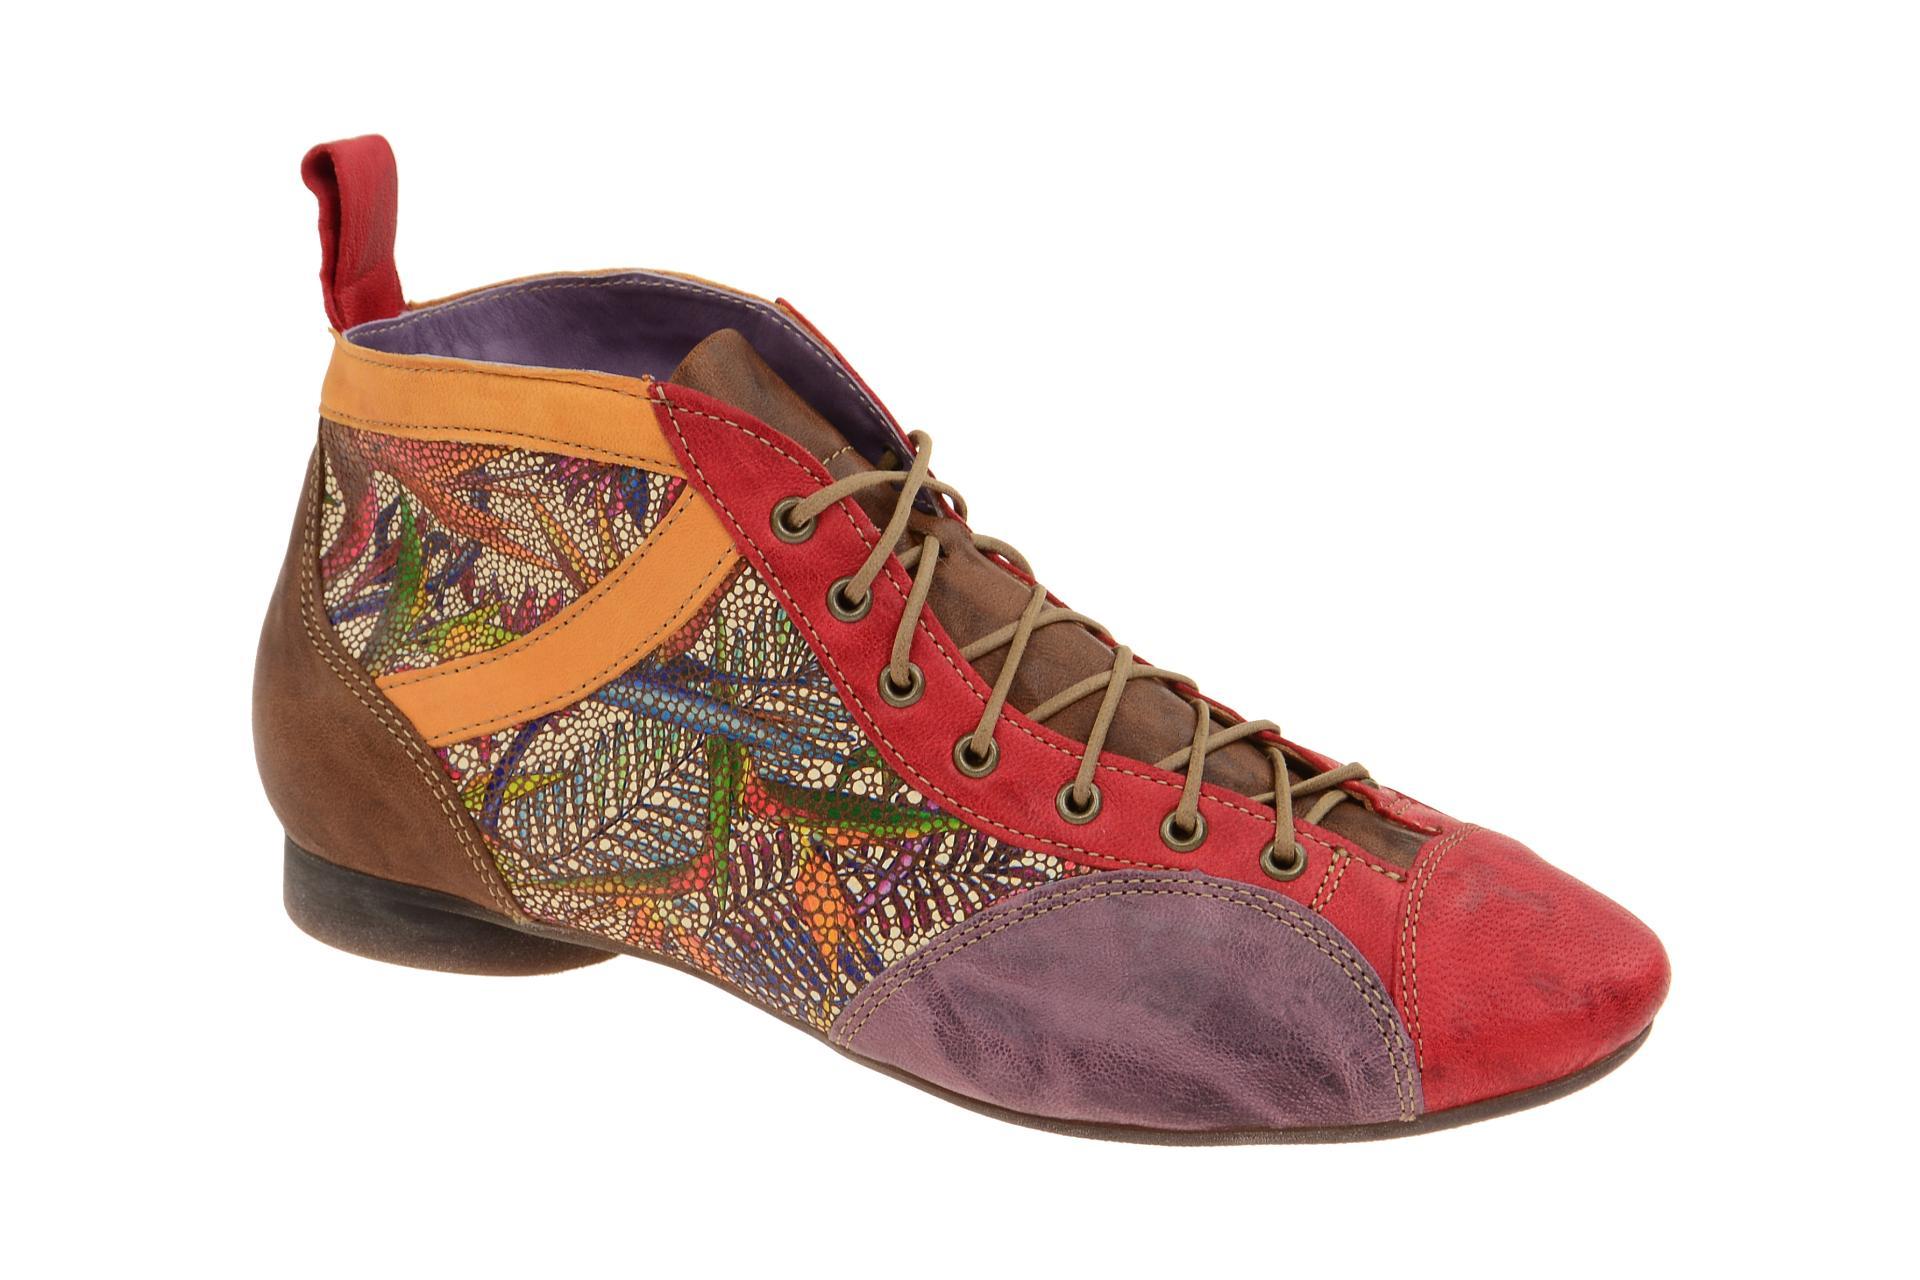 online store 197a2 acbec Details zu Think Schuhe GUAD rot Damen Stiefeletten bequeme Stiefelette  0-80288-76 NEU